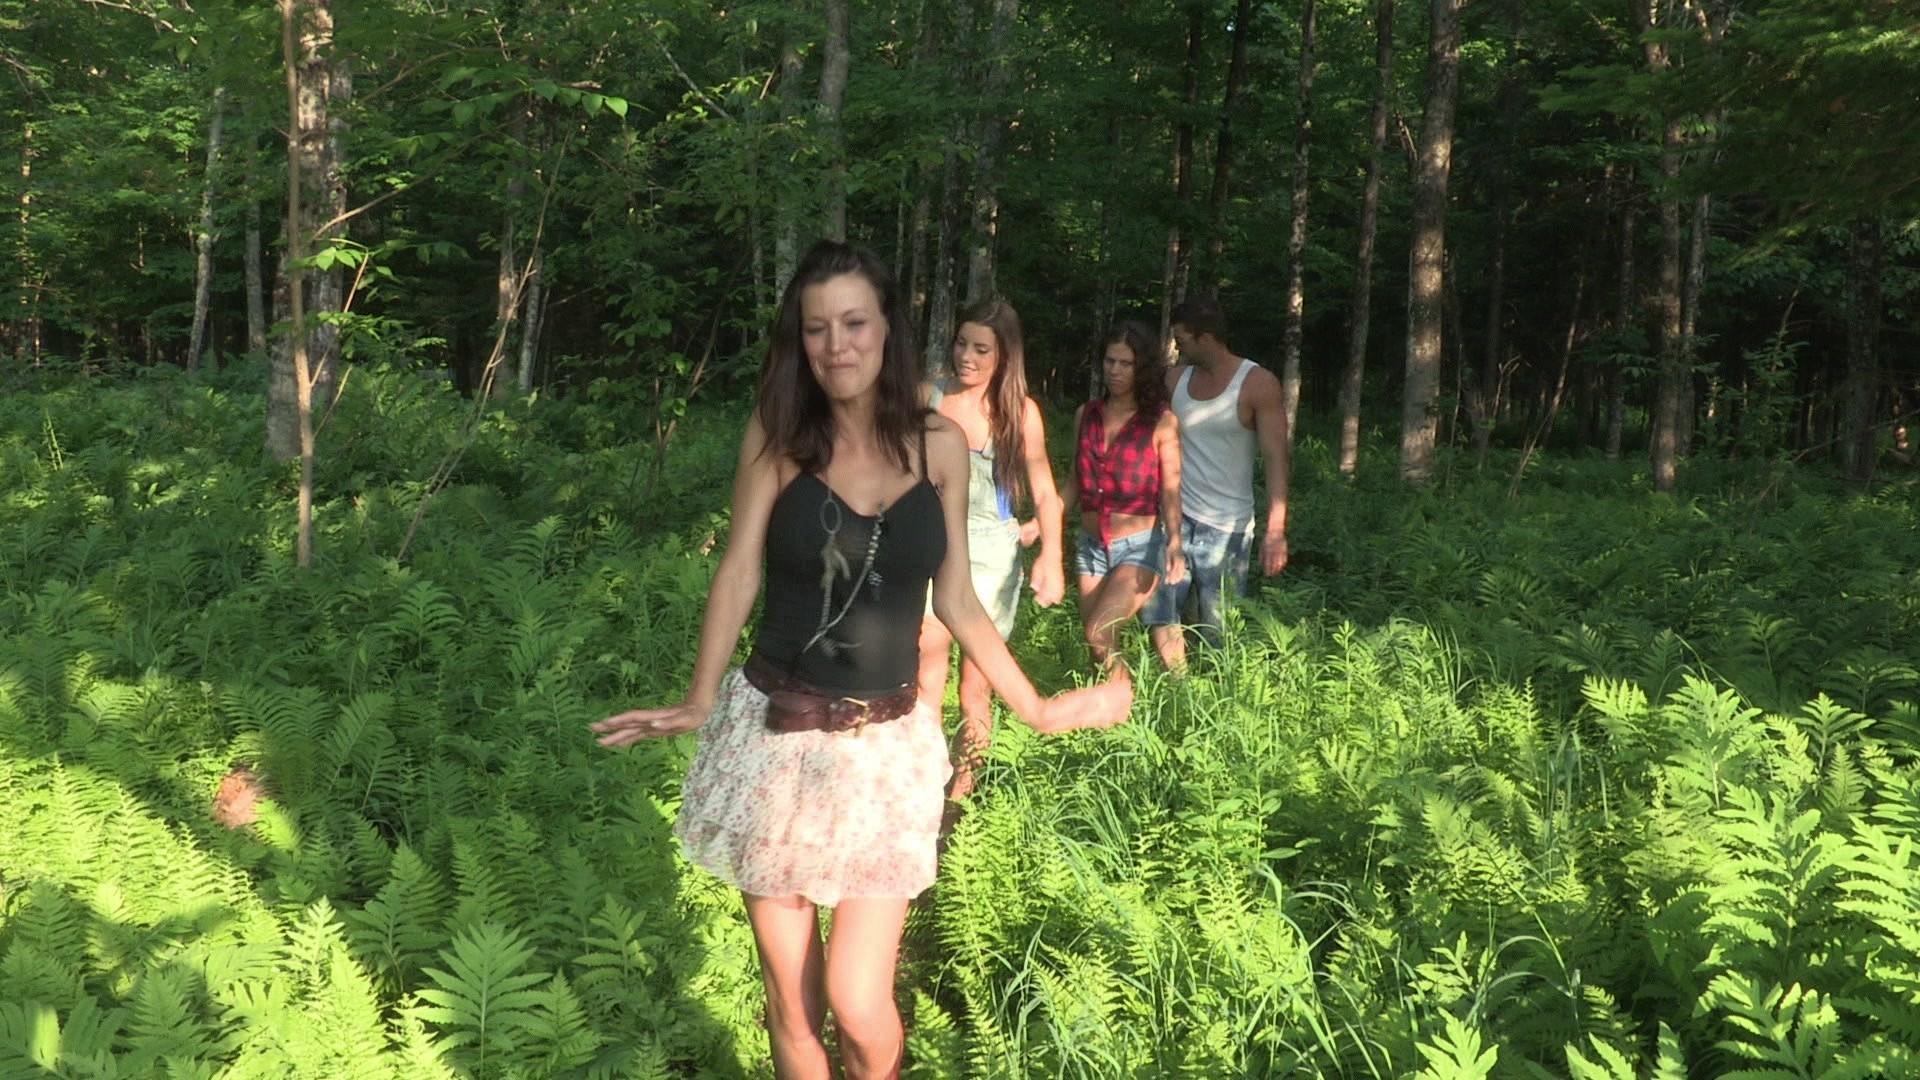 Брюнетка отсосала в лесу, взбитые сливки на киске фото